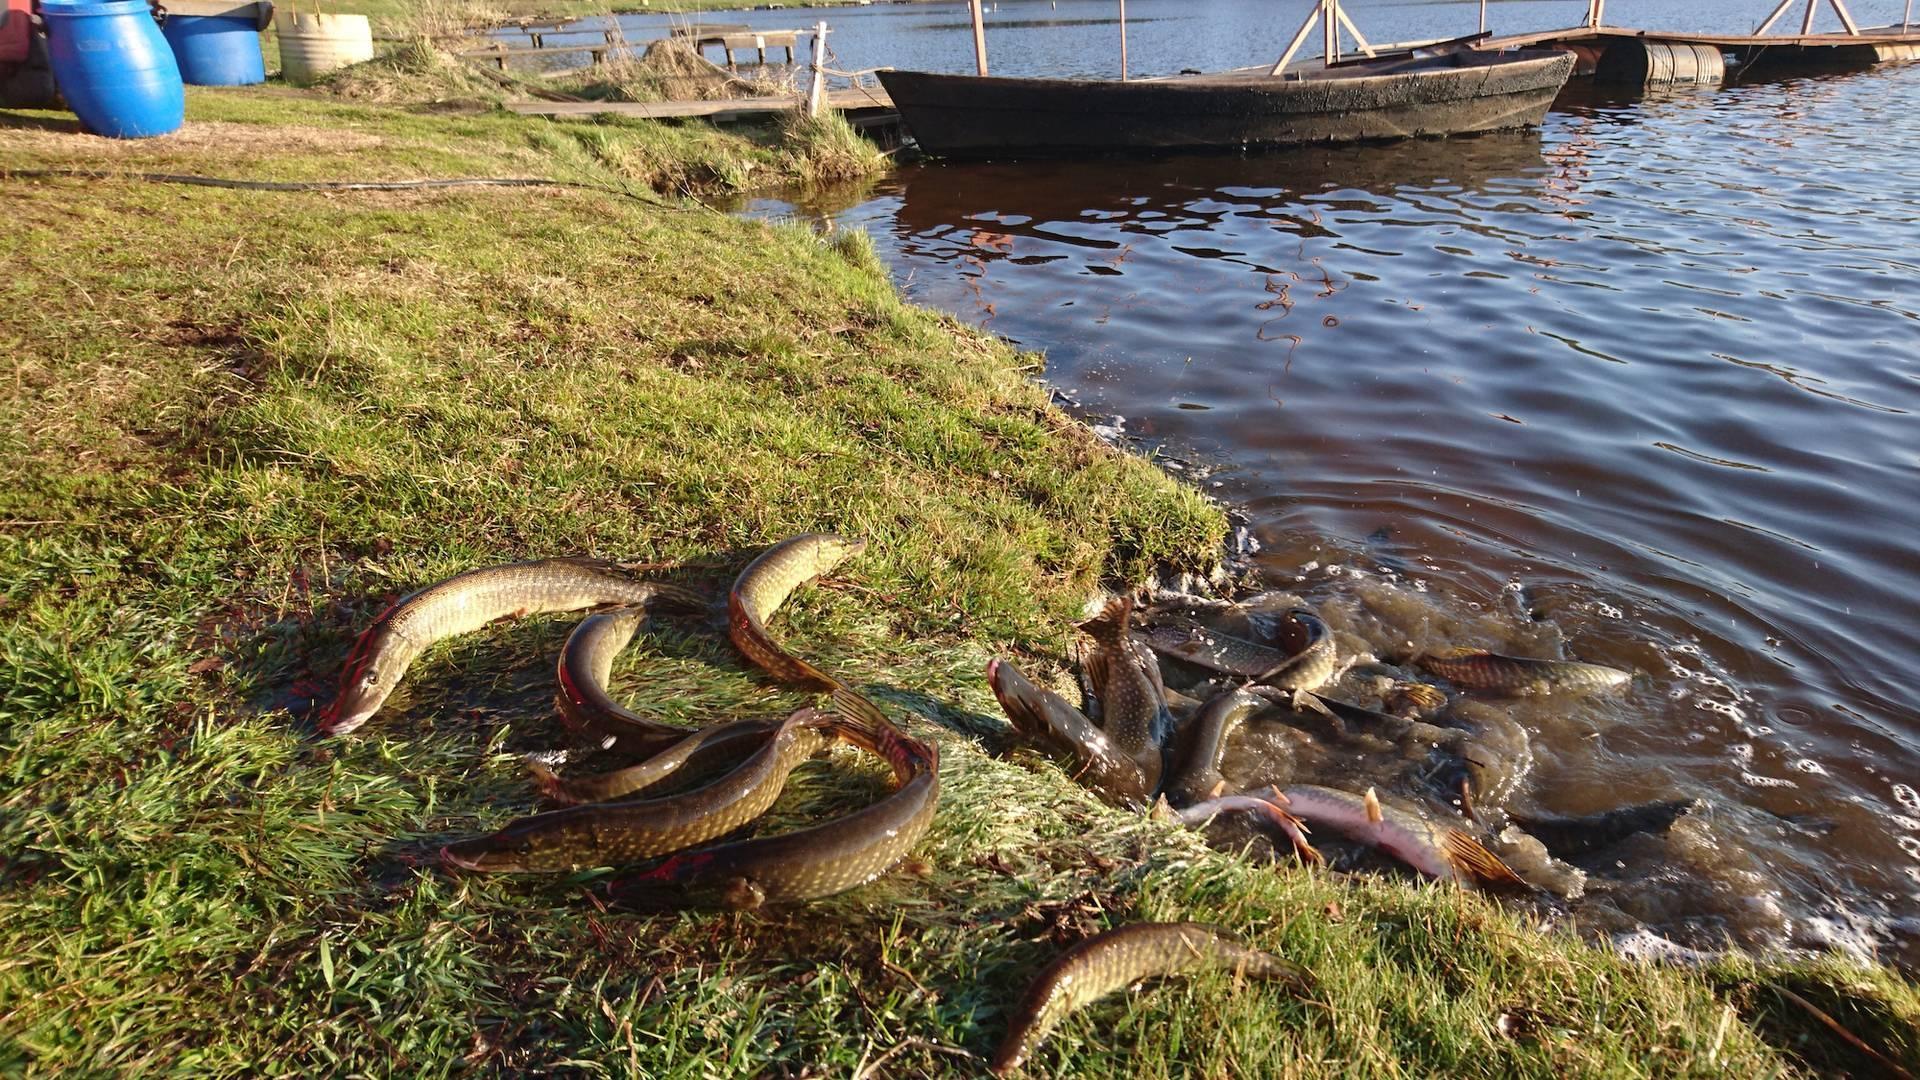 Рыбалка в саратове и саратовской области: платная рыбалка в прудах дубки и карпыч, на волге и в александровском, другие места, закон о запрете